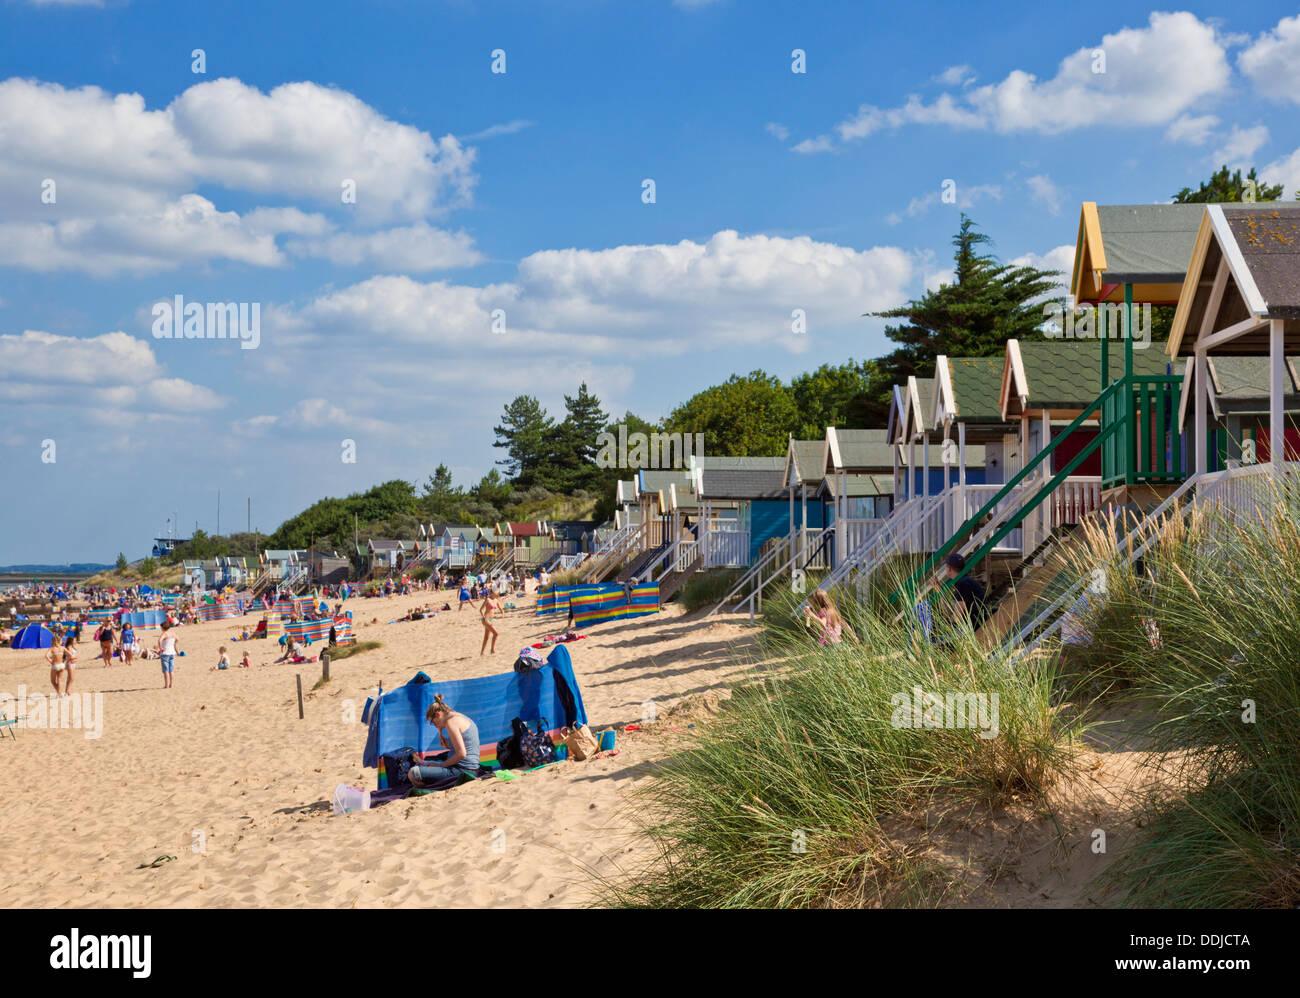 Plage animée et cabines de plage au Wells next the sea North Norfolk Coast England UK GB EU Europe Banque D'Images